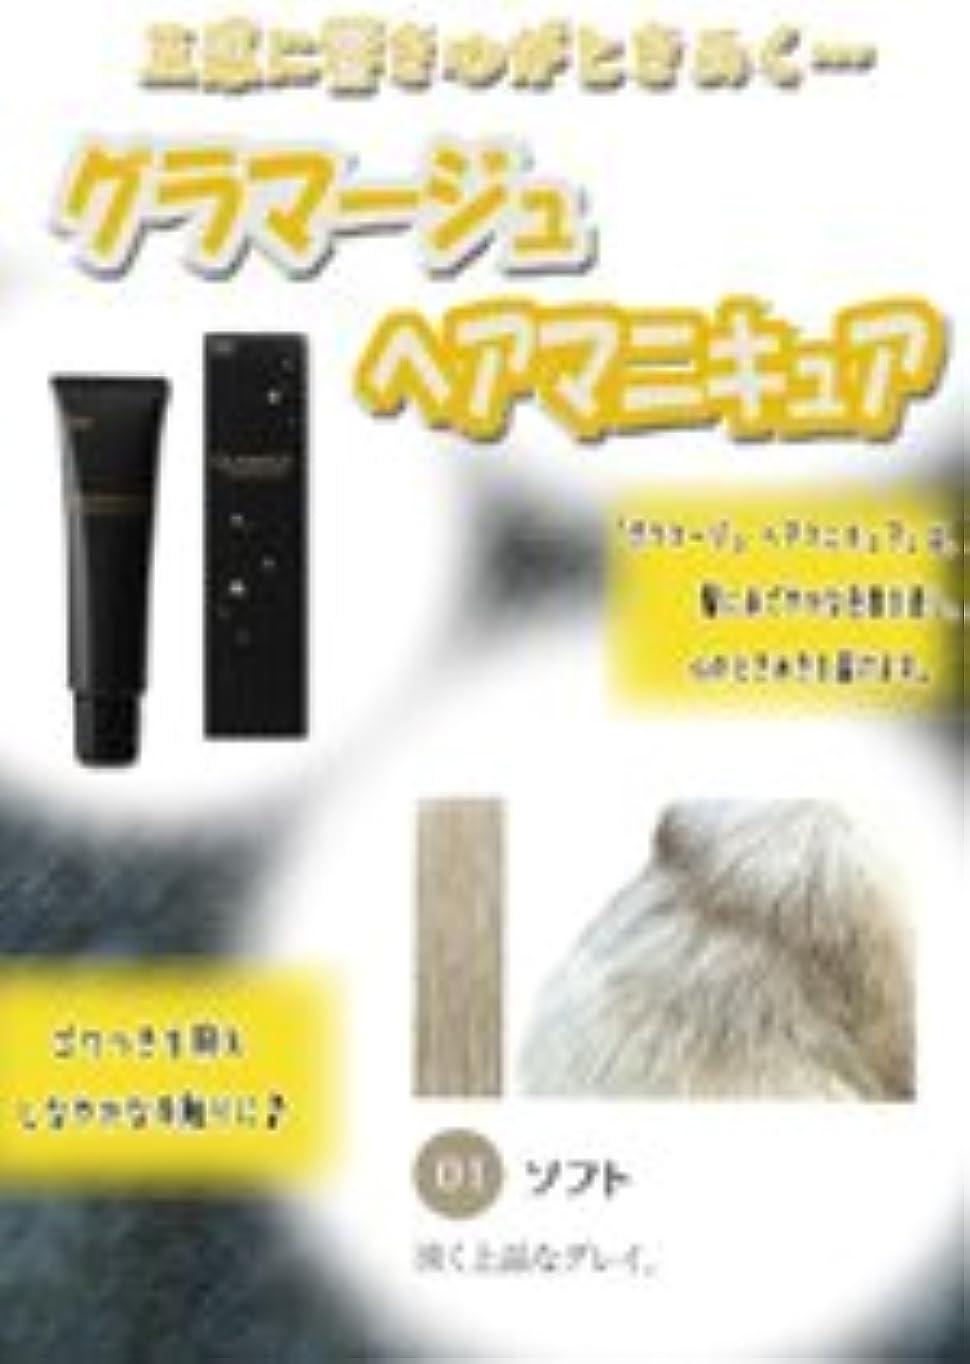 ブル魔術師社会学HOYU ホーユー グラマージュ ヘアマニキュア 01 ソフト 150g 【モノトーン系】